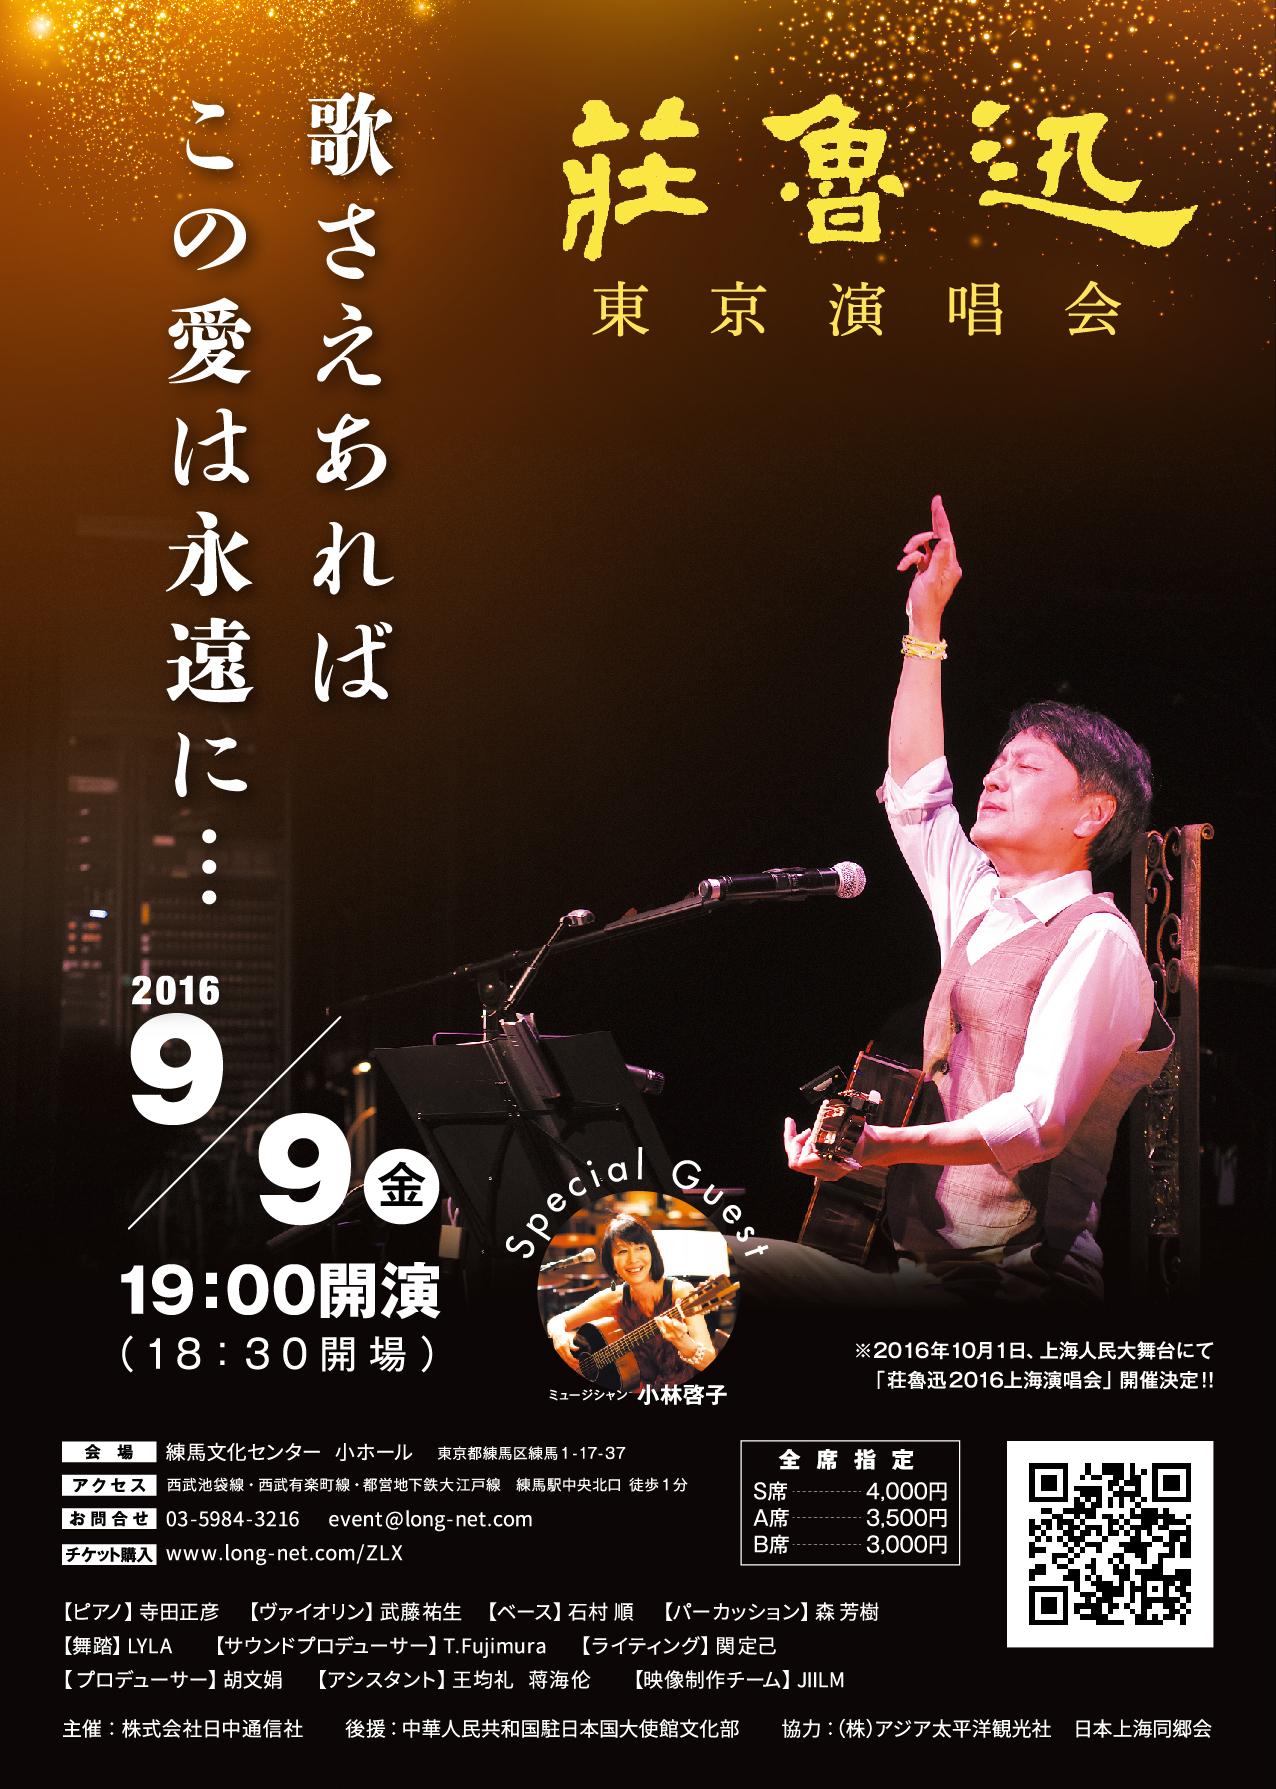 2016/9/9 荘魯迅コンサート